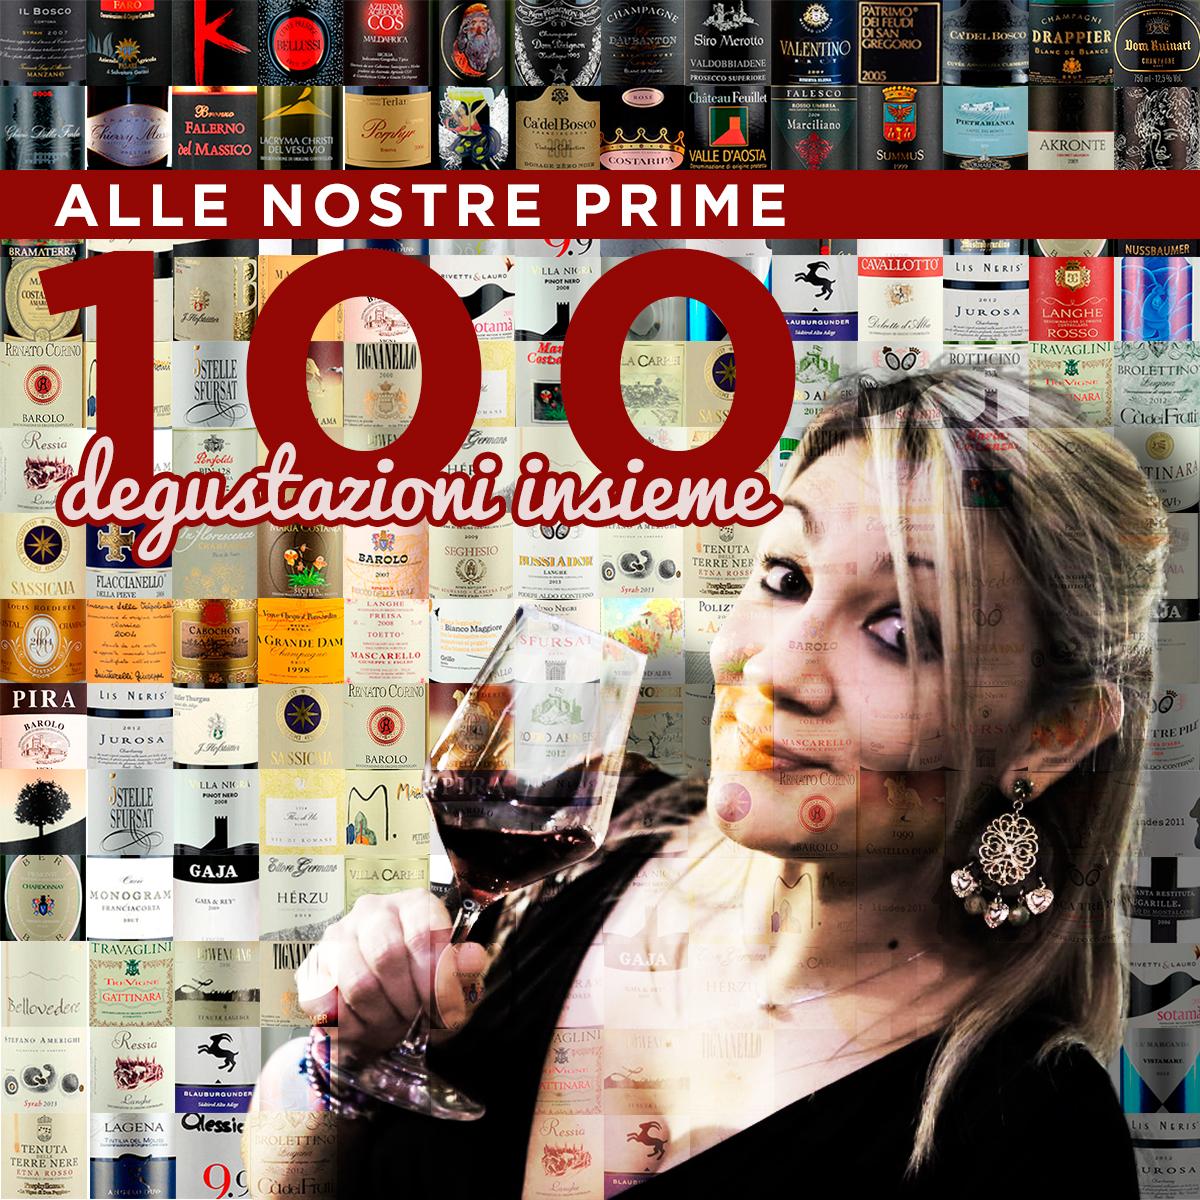 Mosaico 100 bottiglie